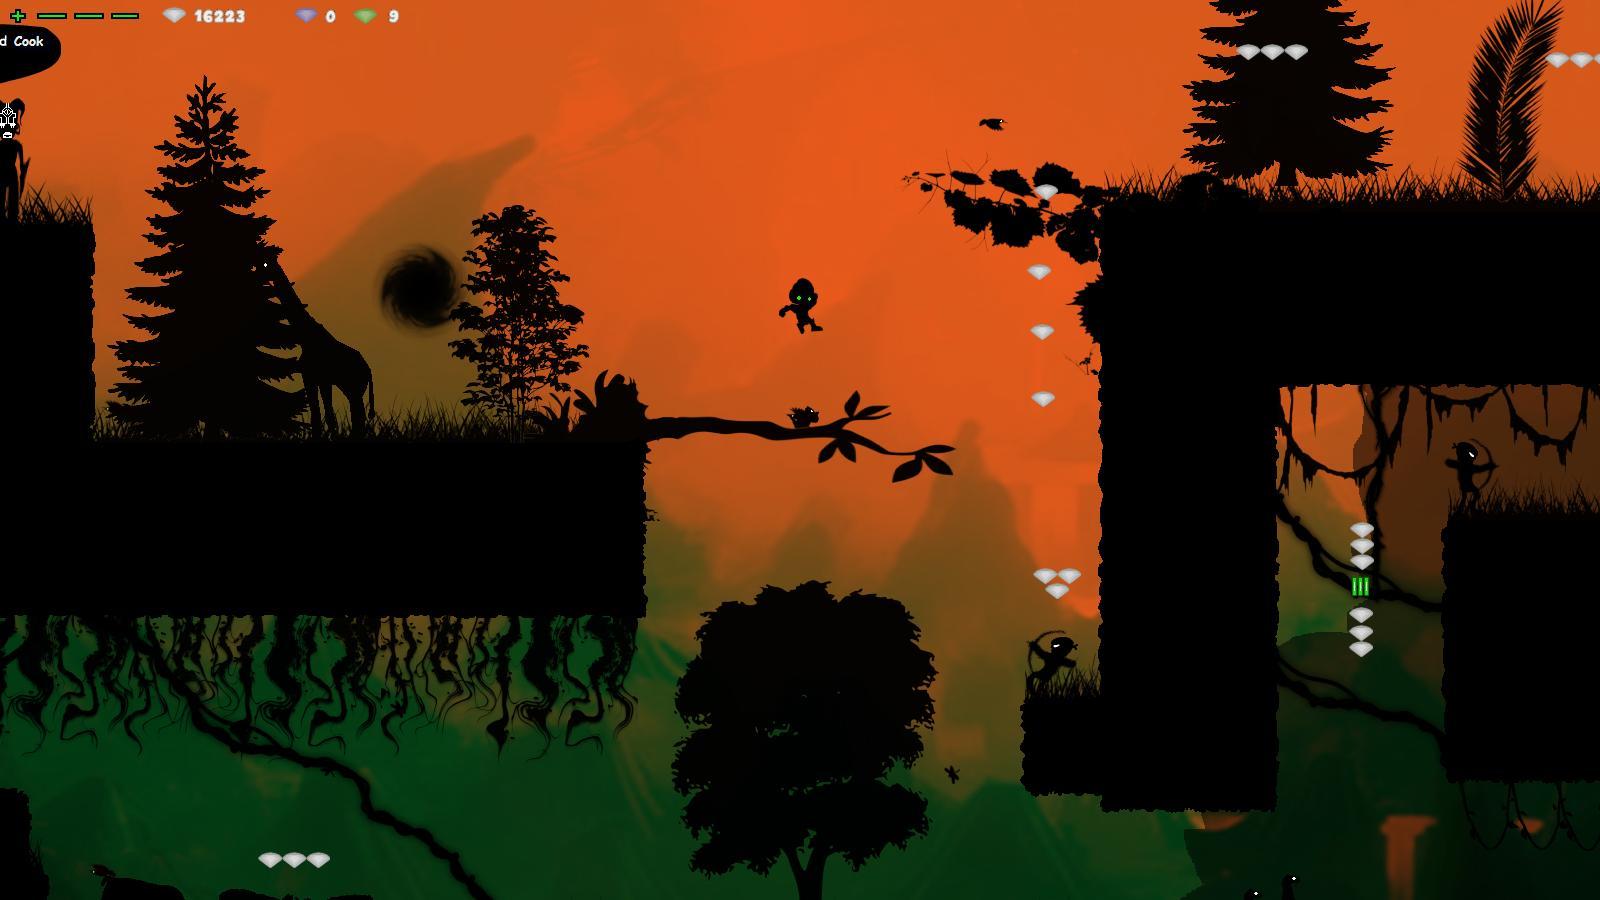 Fallen screenshot